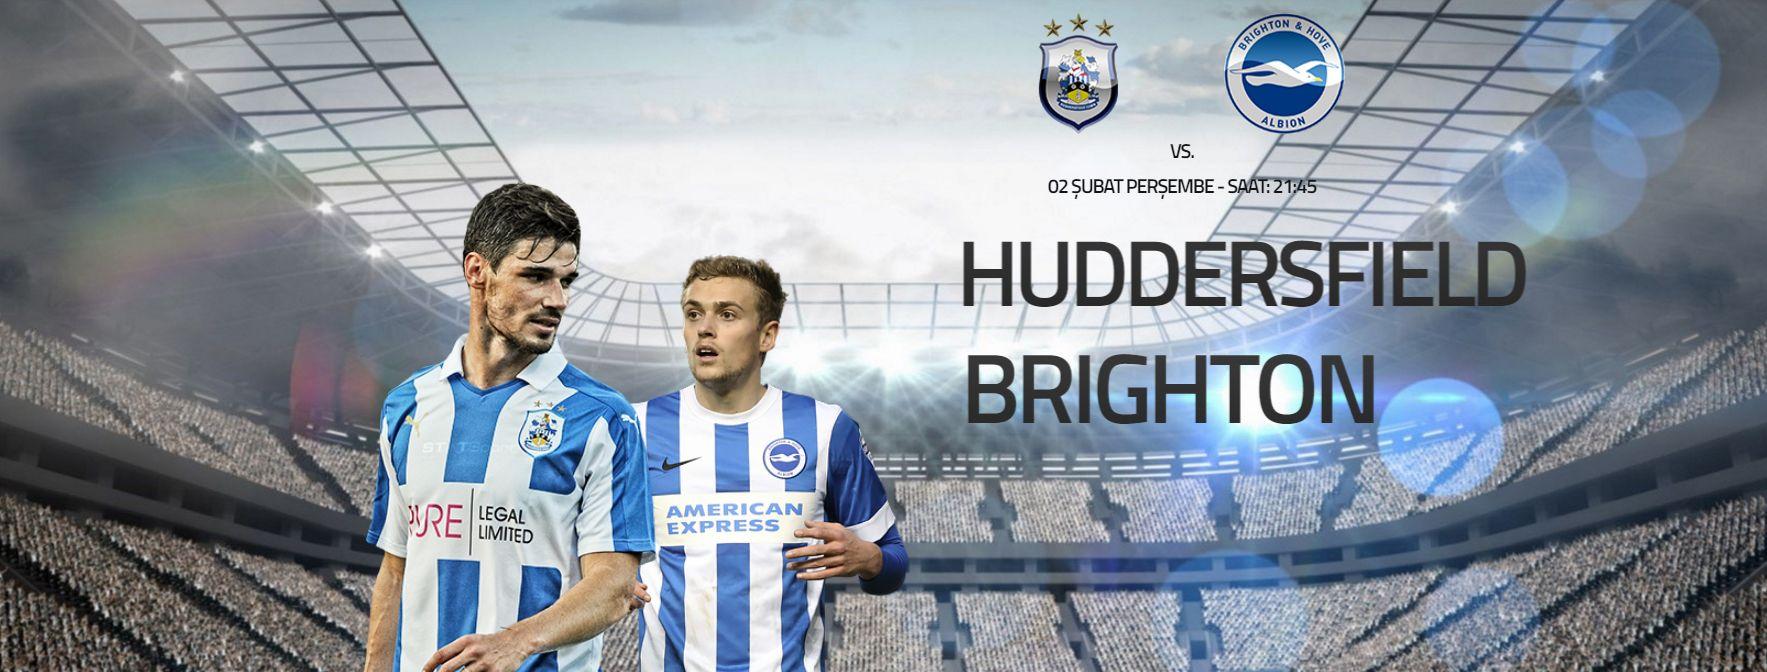 Huddersfield Town – Brighton Albion İngiltere #Championship'te lider #BrightonAlbion #PremierLig'e çıkabilmek için bu sezon büyük avantaj sahibi. Deplasmanda play offlara kalabilmek için mücadele veren #HuddersfieldTown ise bulunduğu yeri koruyabilmek adına son haftalarda iyi bir form grafiği yakalamış durumda. İki takım içinde zorlu geçecek bu mücadelede galip gelen kim olacak. #Bahis severler için #Enyüksekbahisoranları ve #Canlıbahis seçeneklerimiz #Betend'de sizlere. http://betend80.com